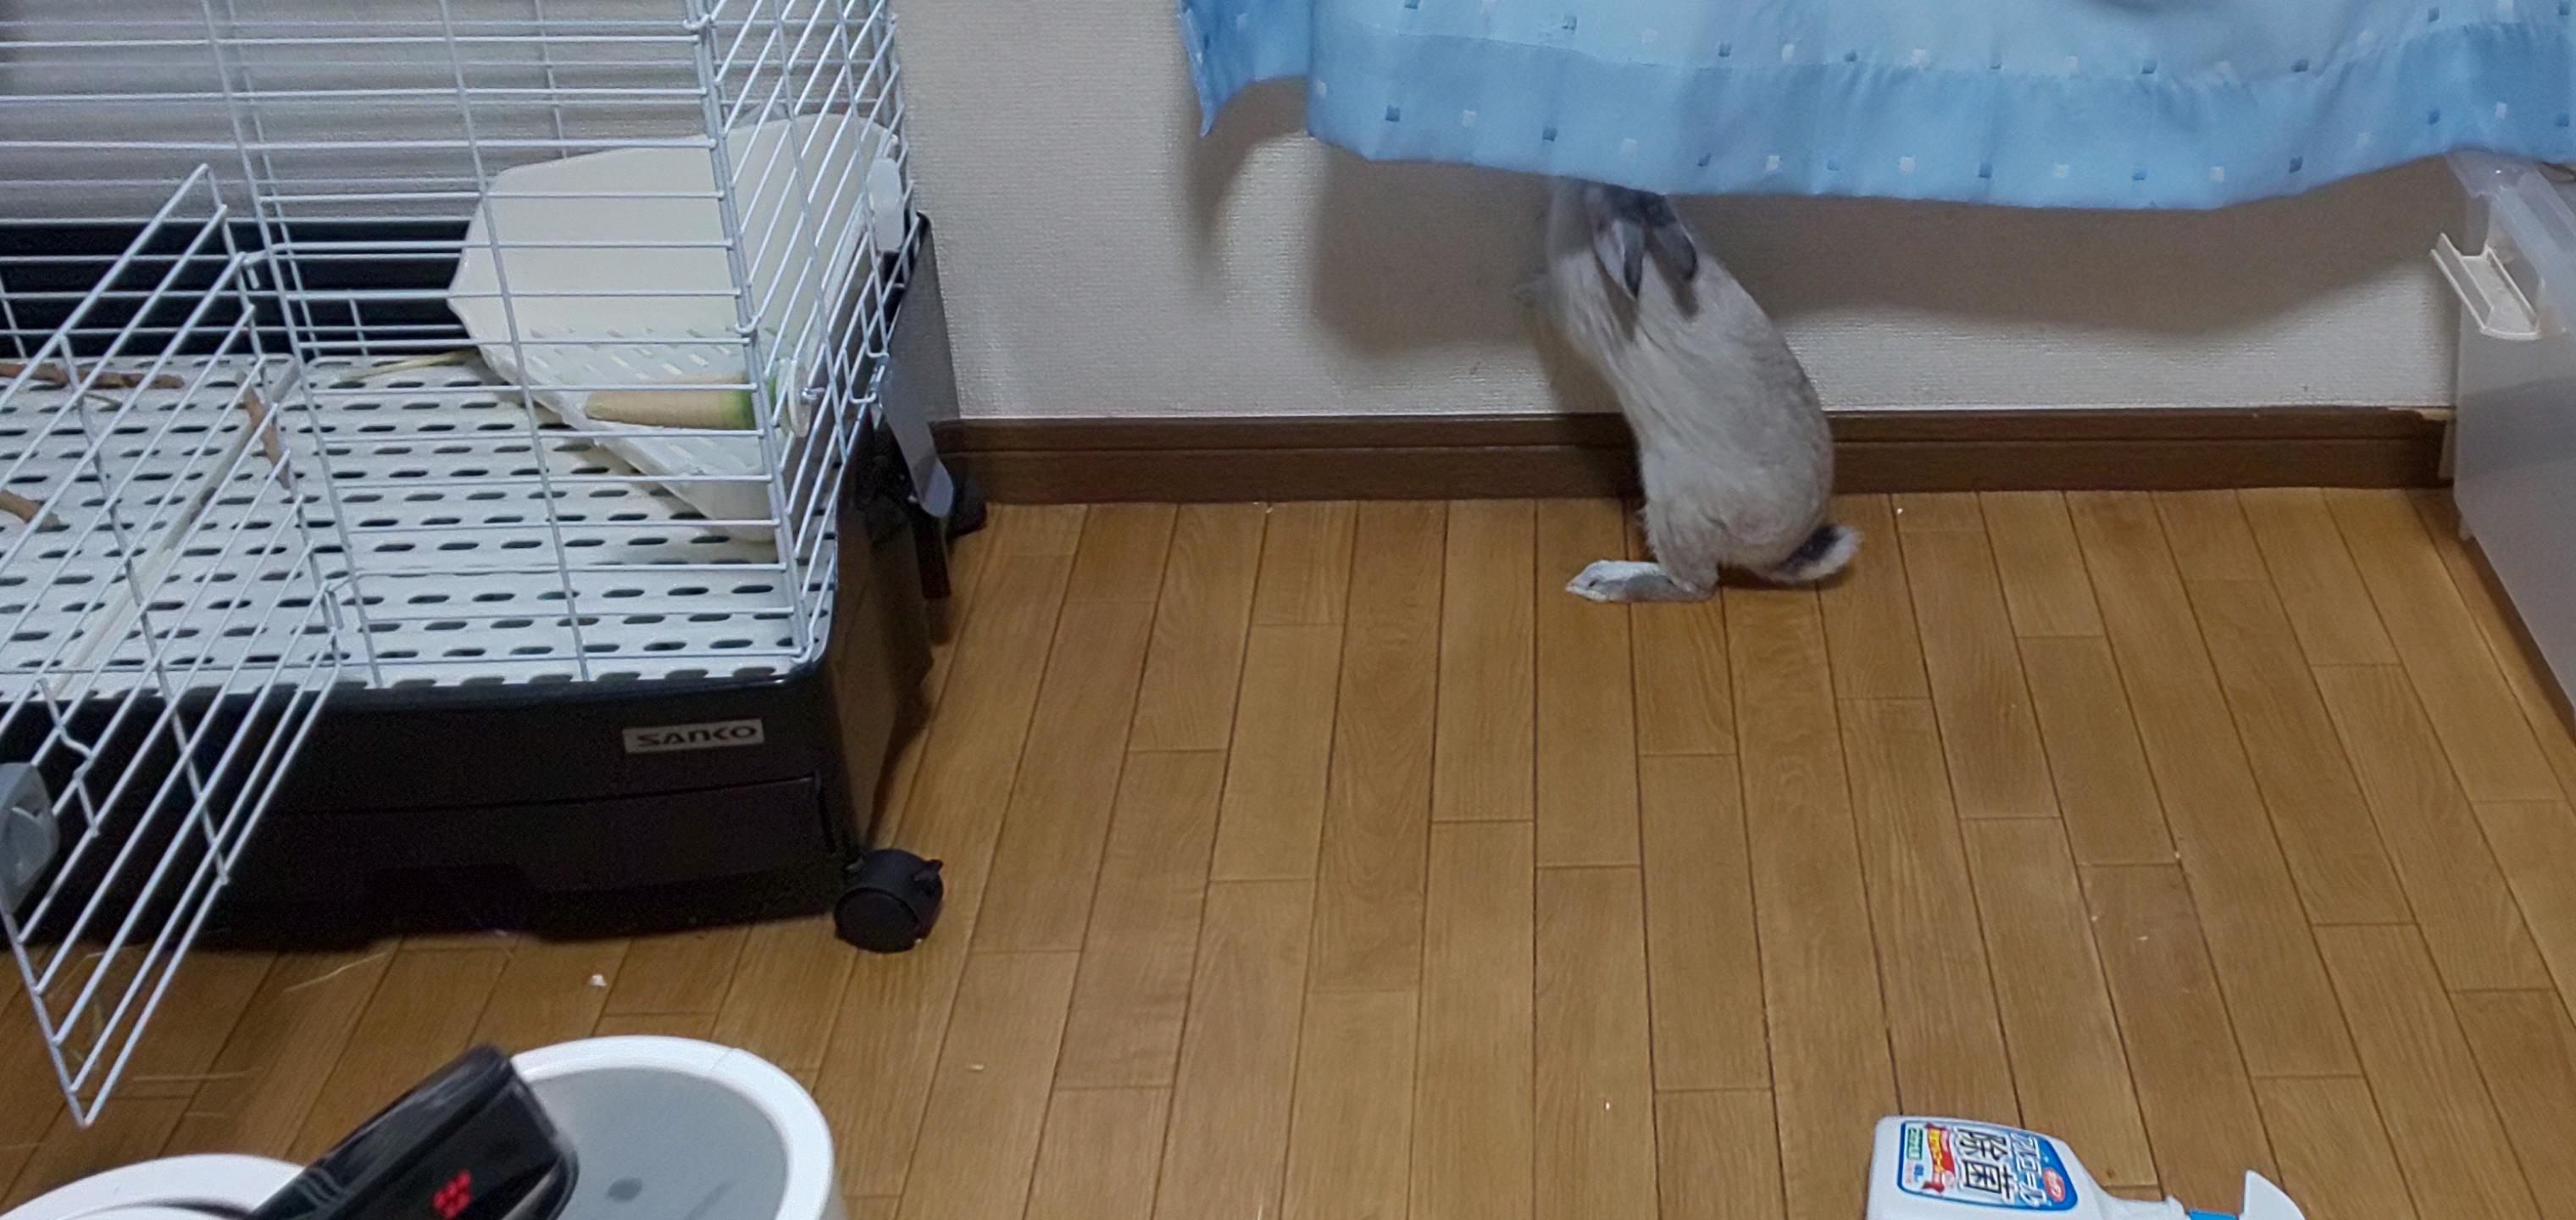 やはり俺のウサギは間違っている。③ ウサギも月を見たりするのか?